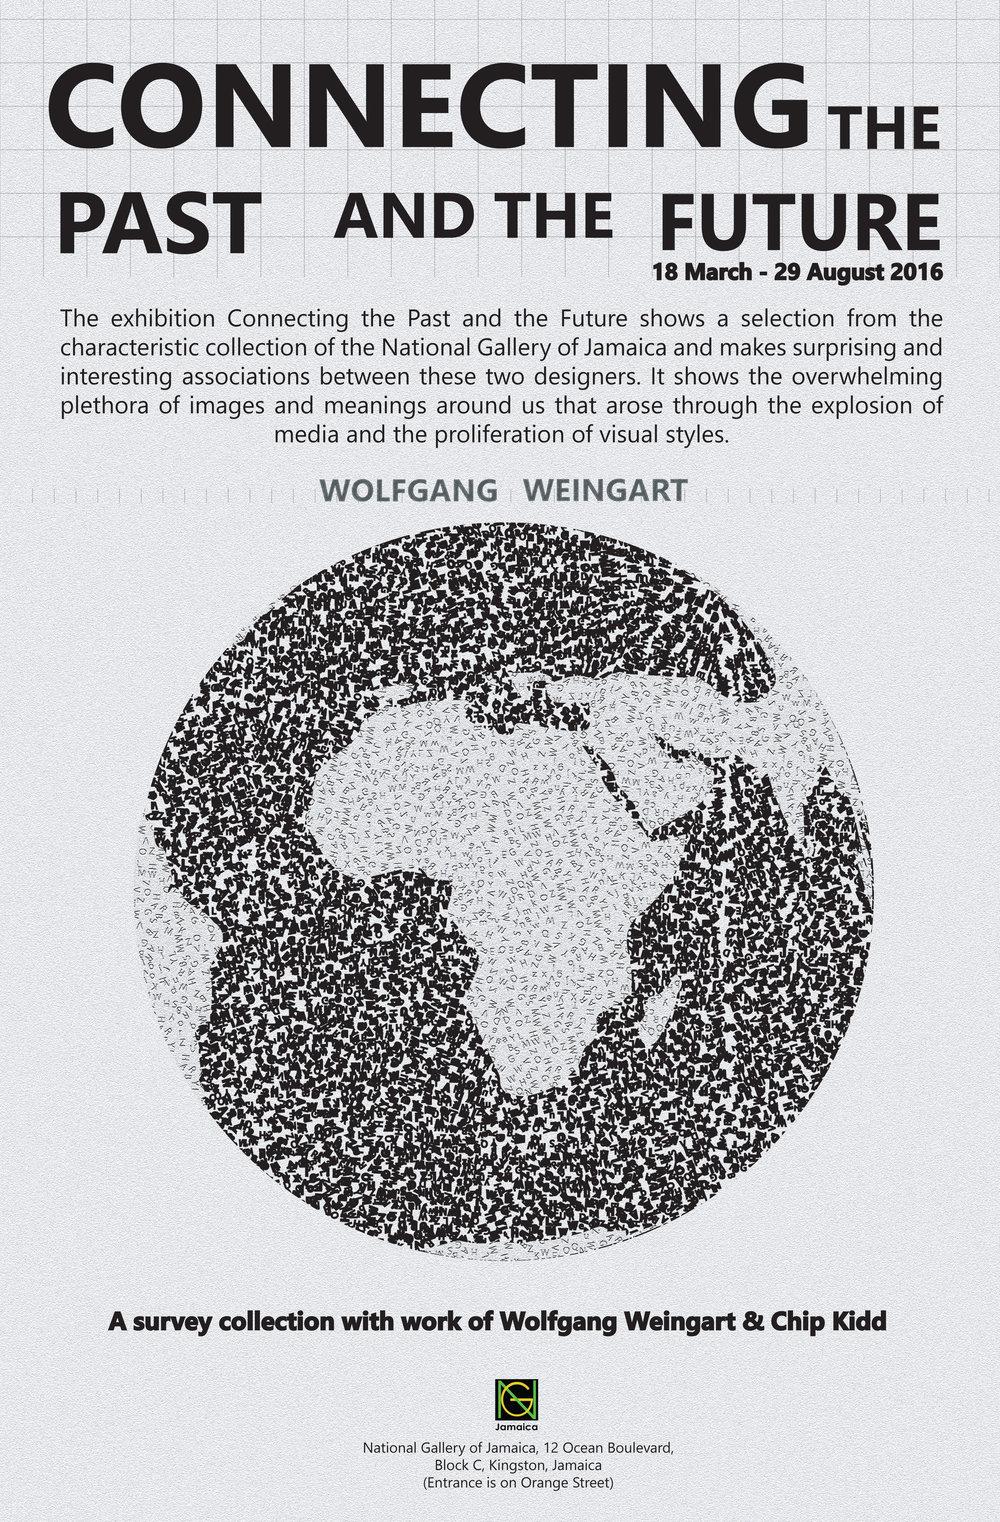 Wolfgang Poster